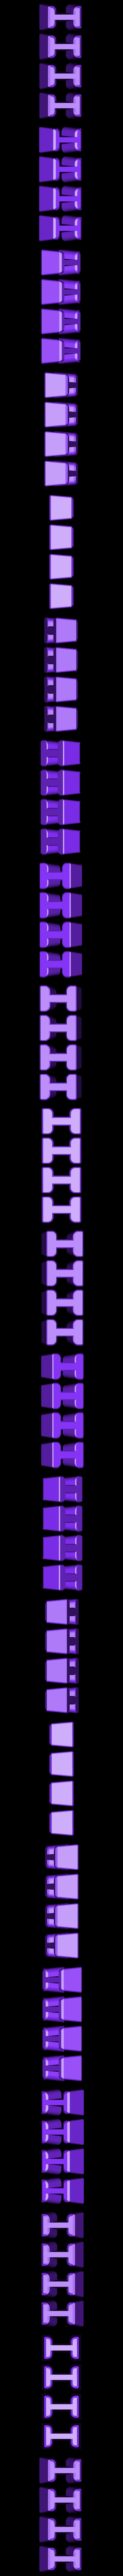 Butterfly_Joint_x4_Modular_Castle_Playset_-_3D-printable_By_CreativeTools.se.stl Télécharger fichier STL gratuit Plateau modulaire de château (imprimable en 3D) • Modèle à imprimer en 3D, CreativeTools